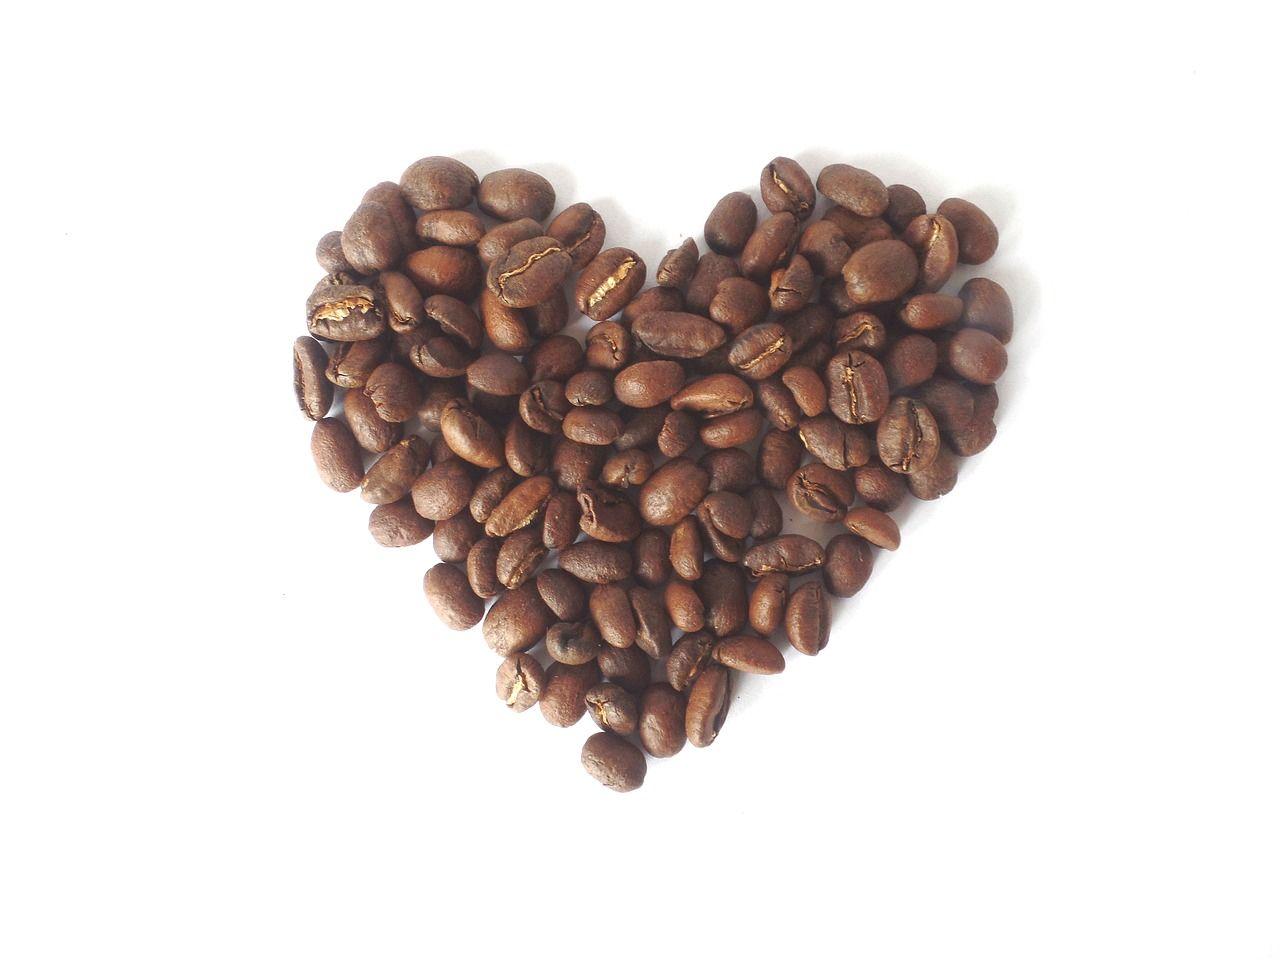 Používáte kávová zrna k neutralizaci čichu? Je to chyba